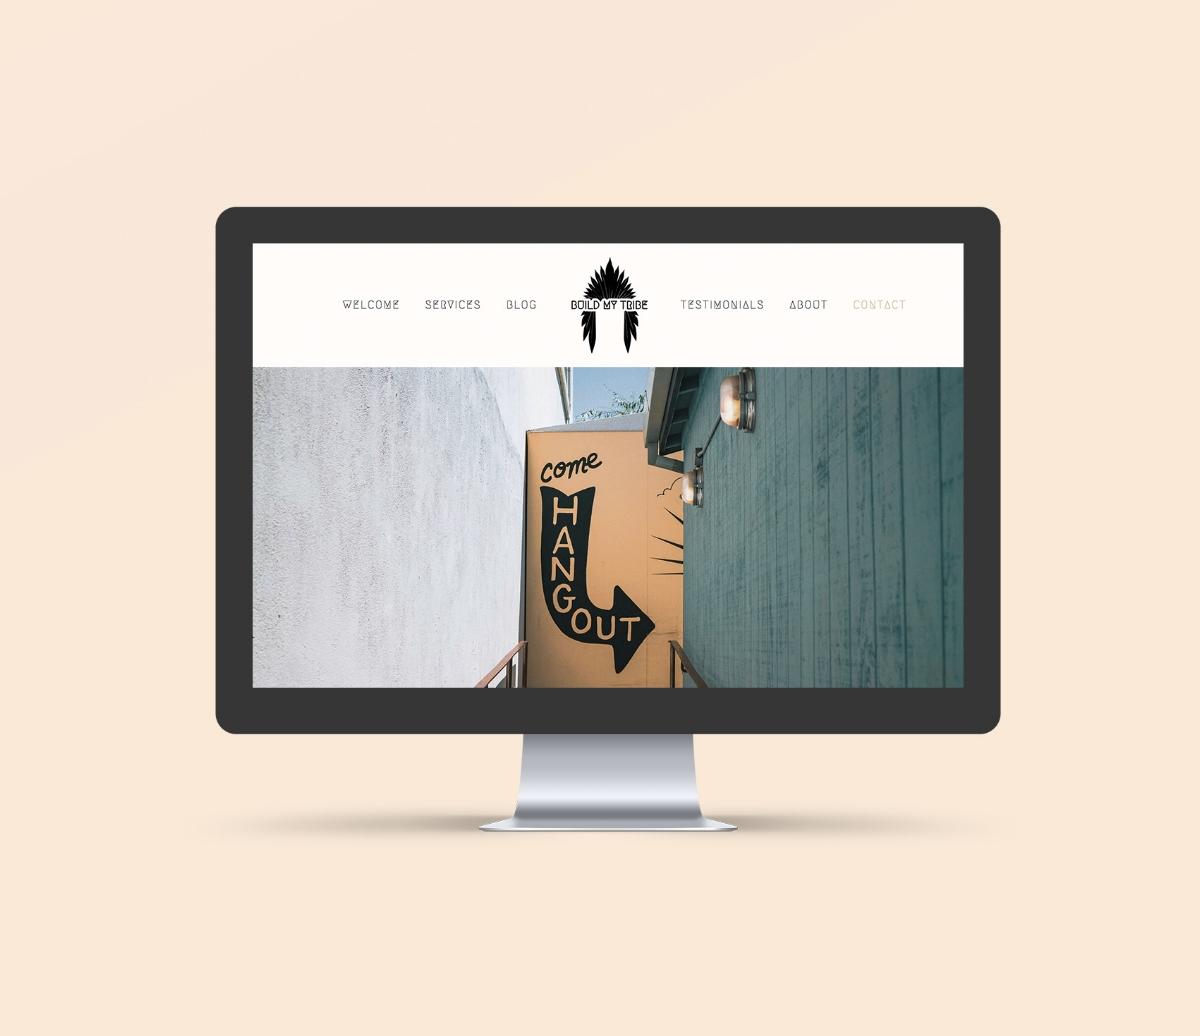 social-media-manager-web-design-melbourne.jpg